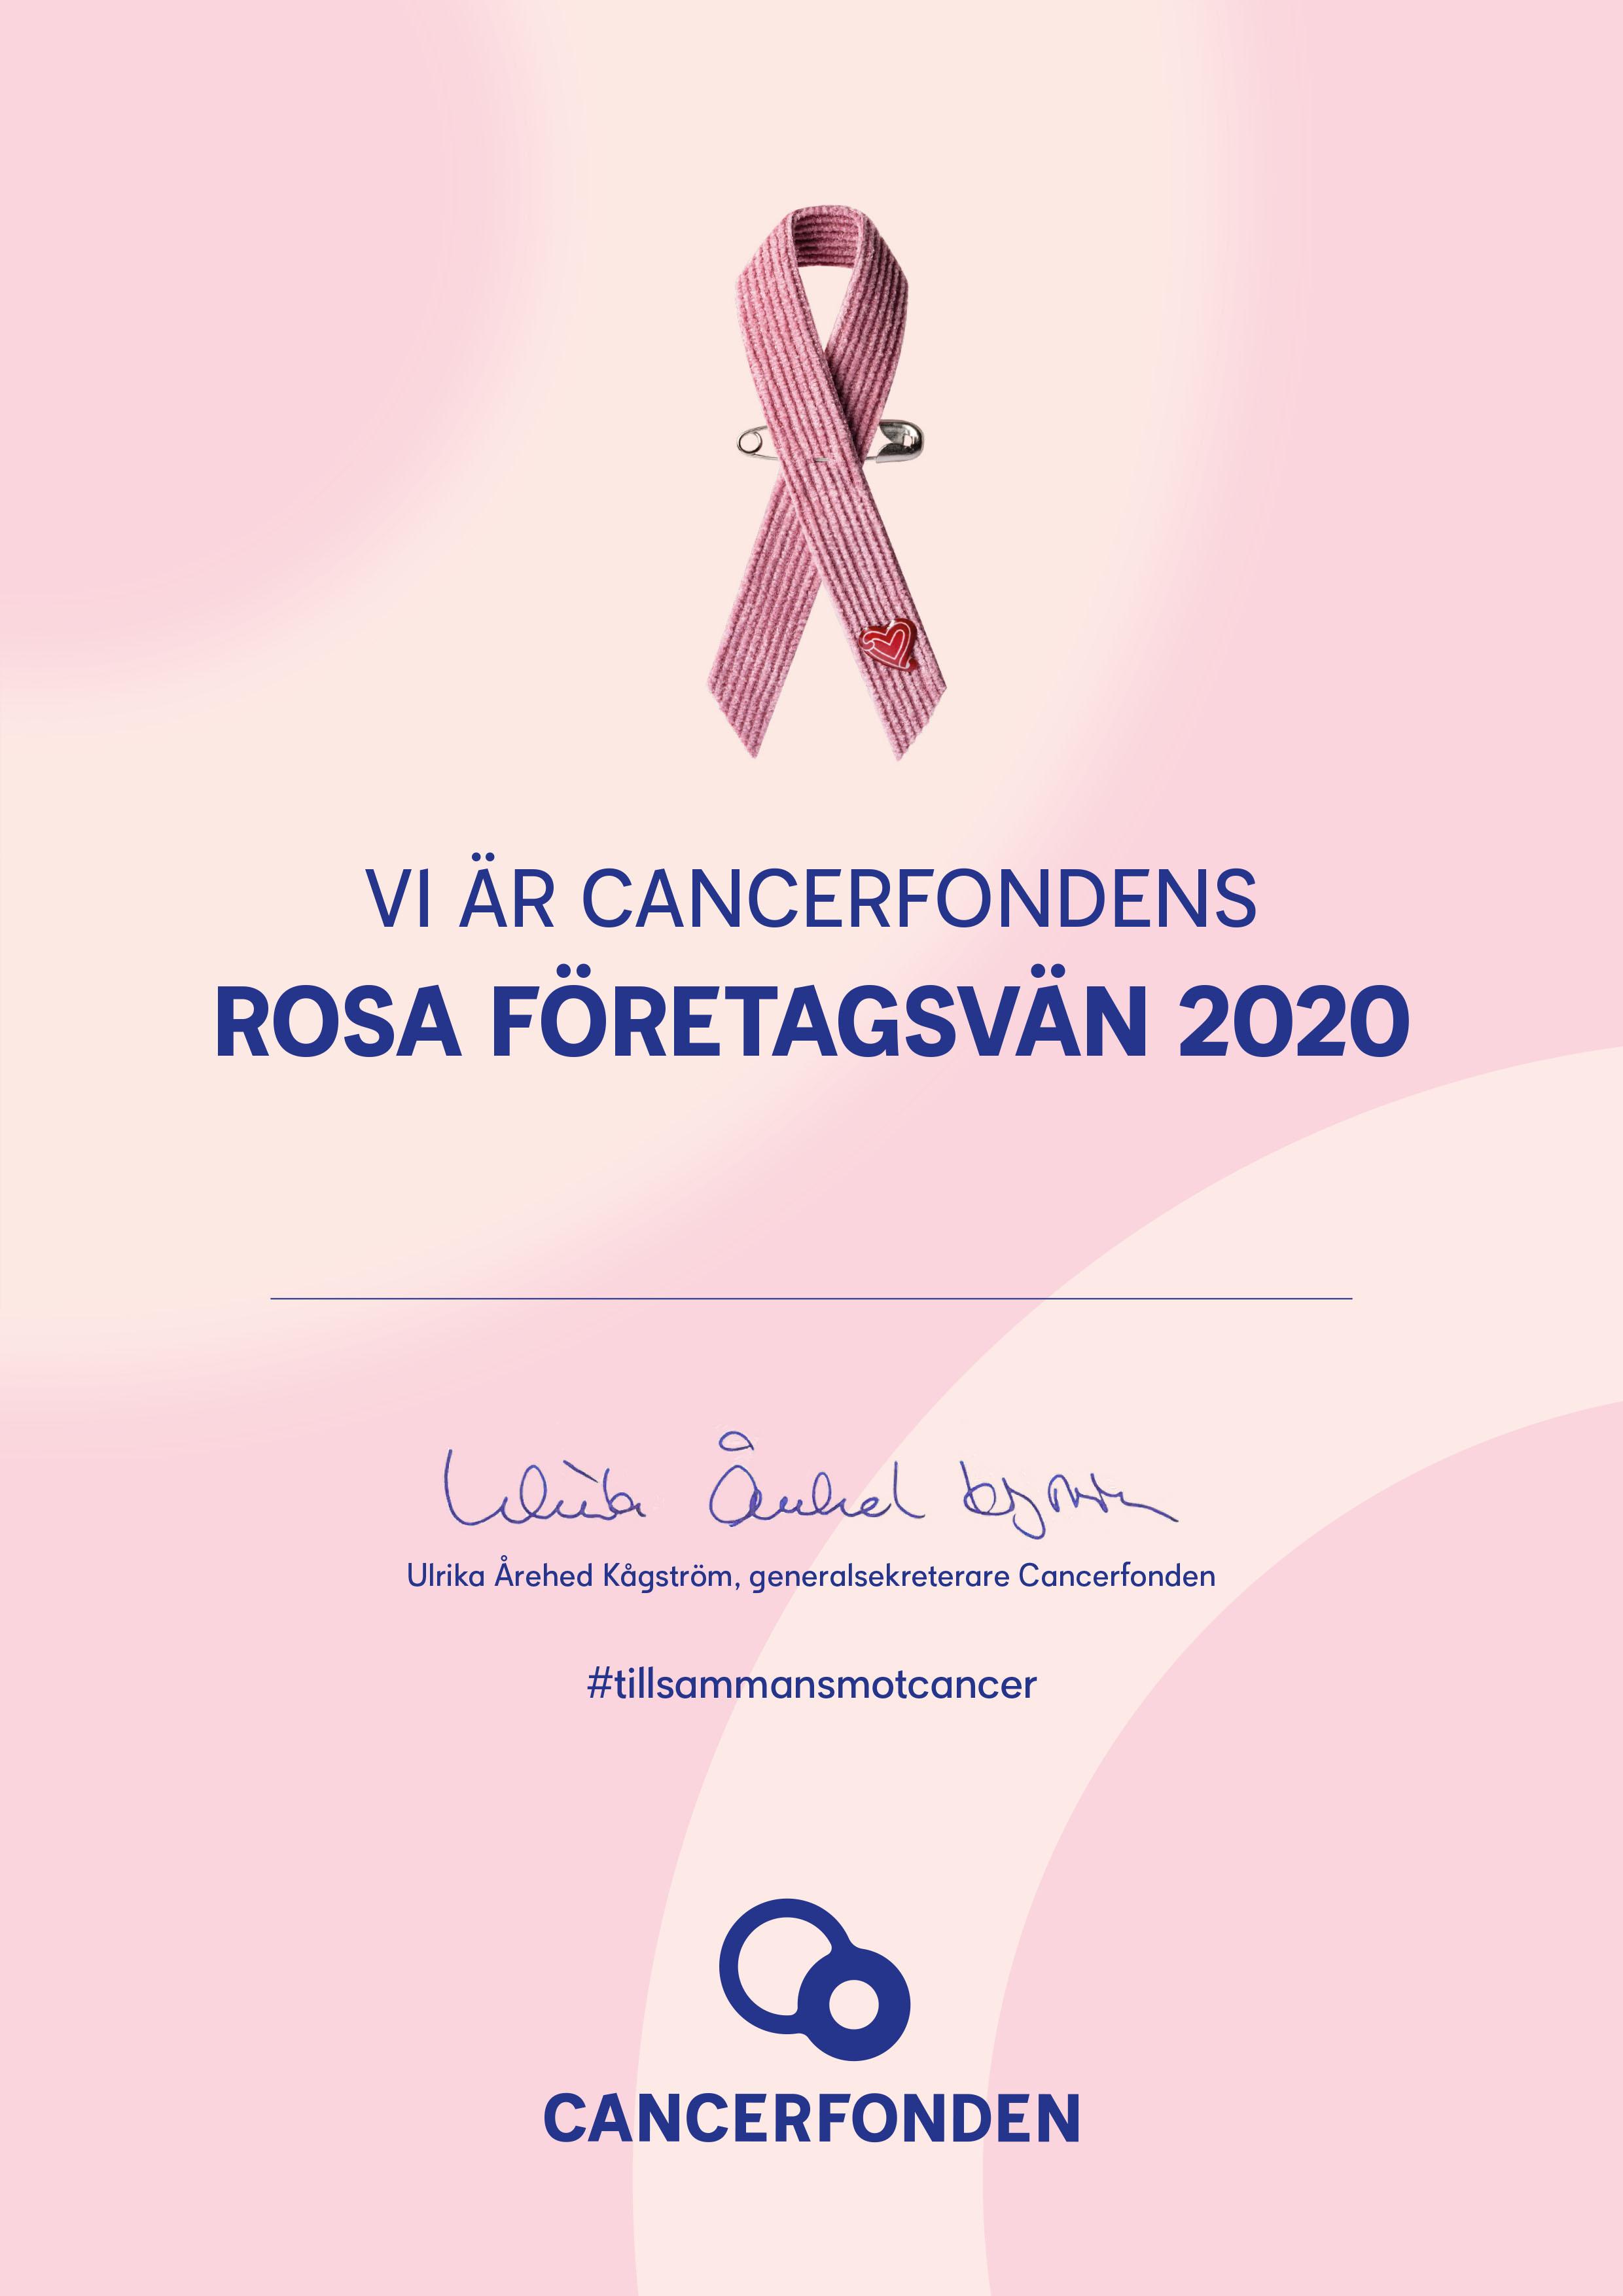 Rosa oktober 2020